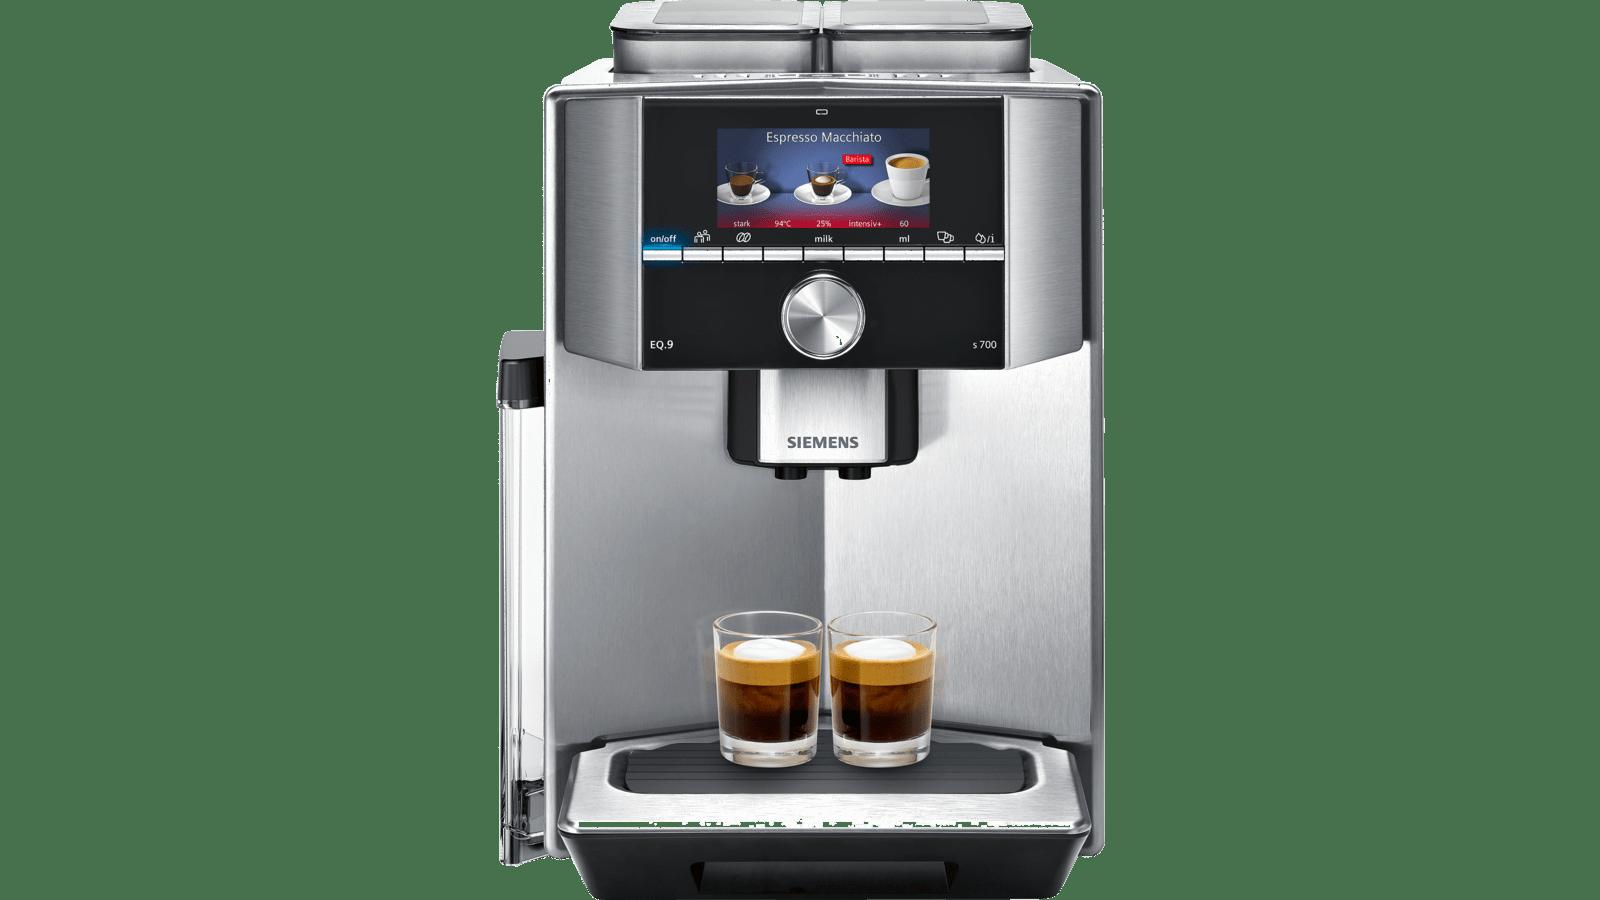 1500 Watt, maximales Aroma, 2 Bohnenbeh/älter, vollautomatische Dampfreinigung, Baristamodus, sehr leise, iAroma Siemens TI917531DE EQ.9 s700 Kaffeevollautomat edelstahl